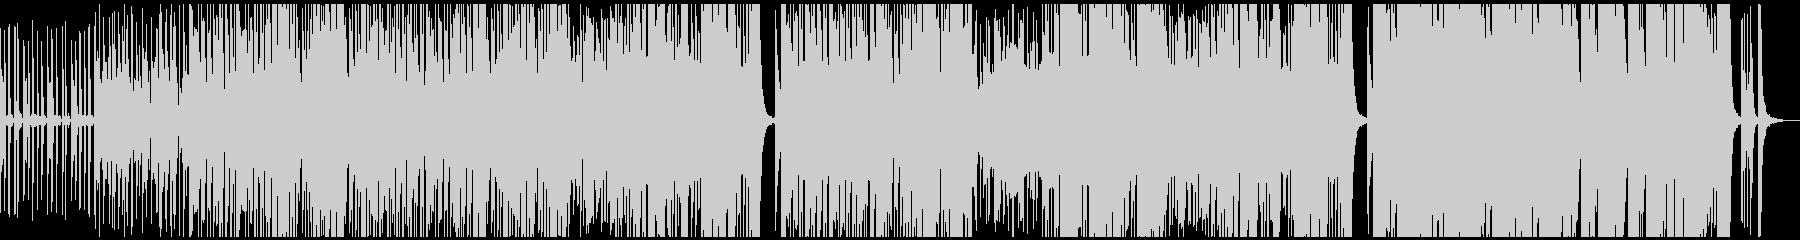 ミステリアスでエレクトリックなサウンドの未再生の波形